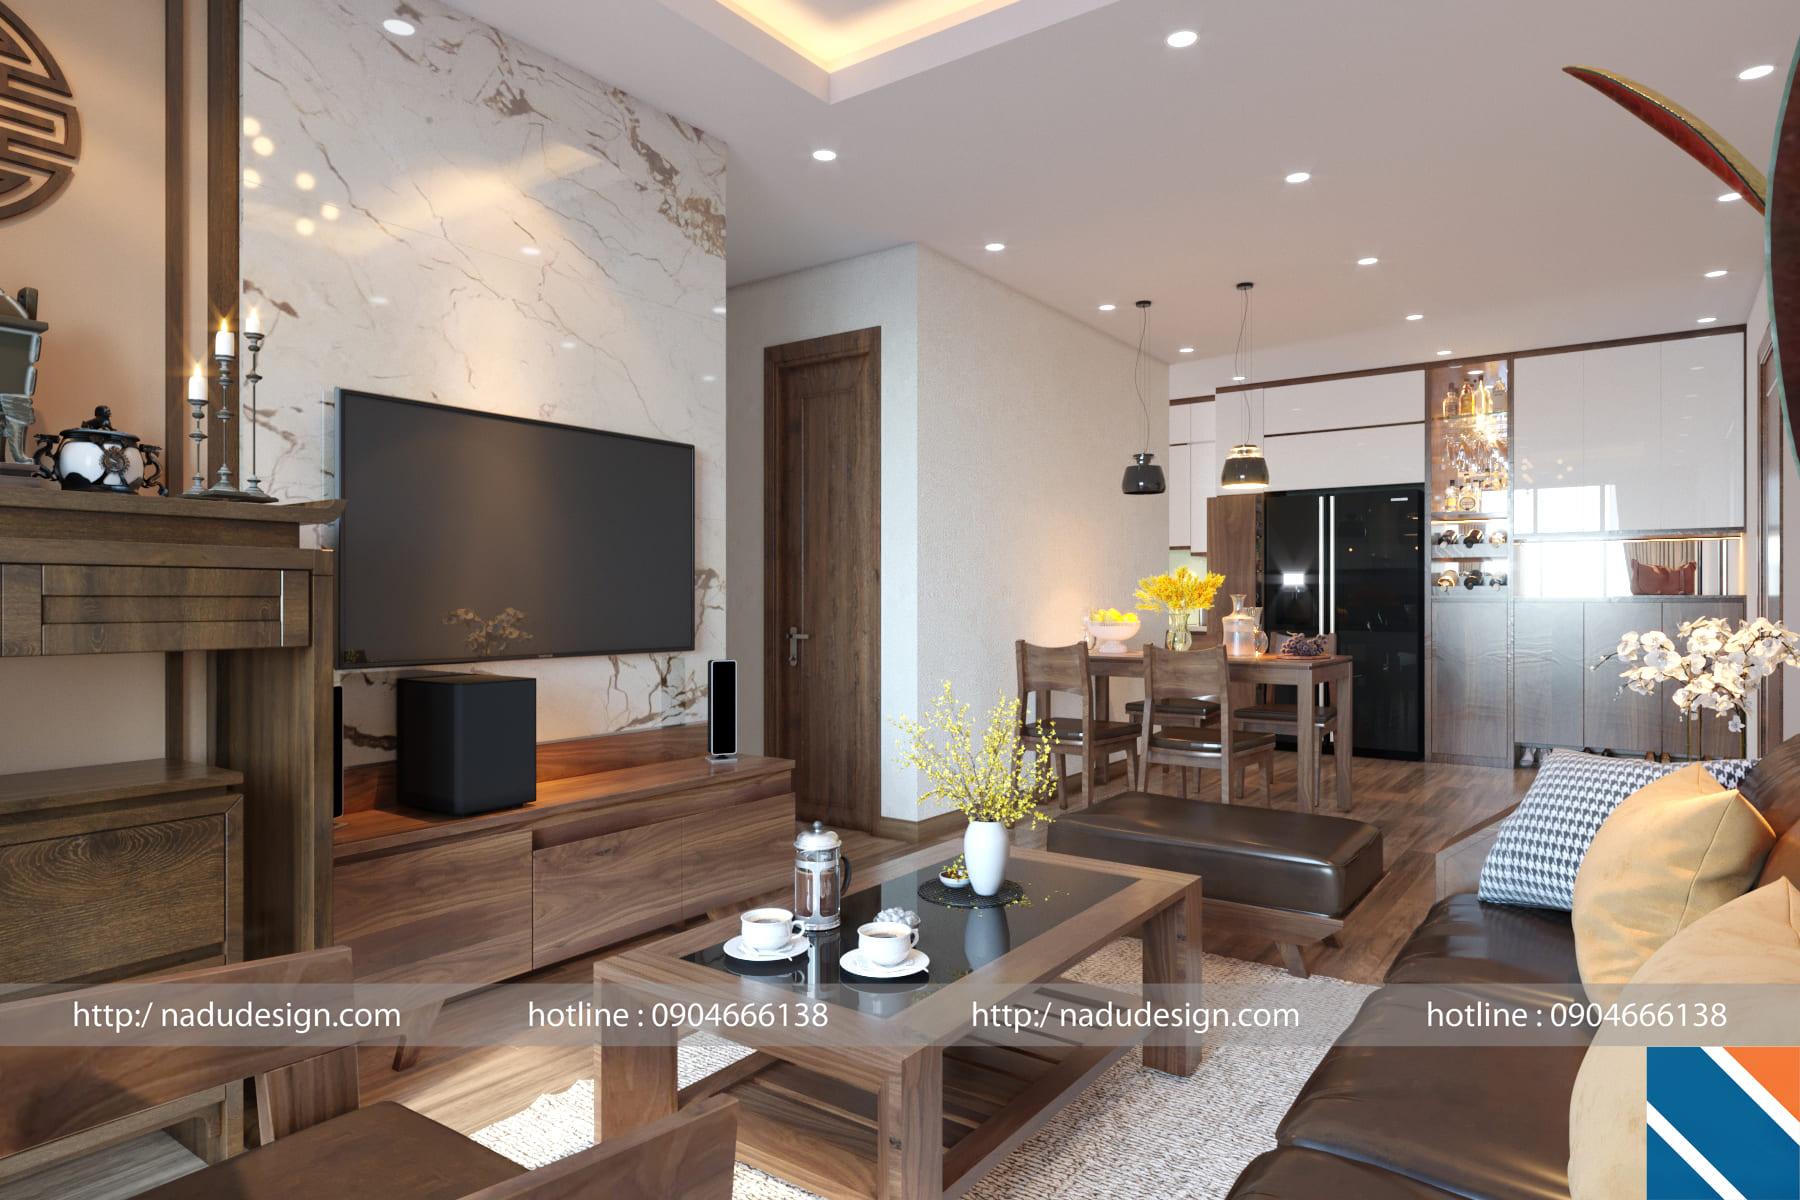 NADU - đơn vị thiết kế thi công nội thất cao cấp tại Hà Nội